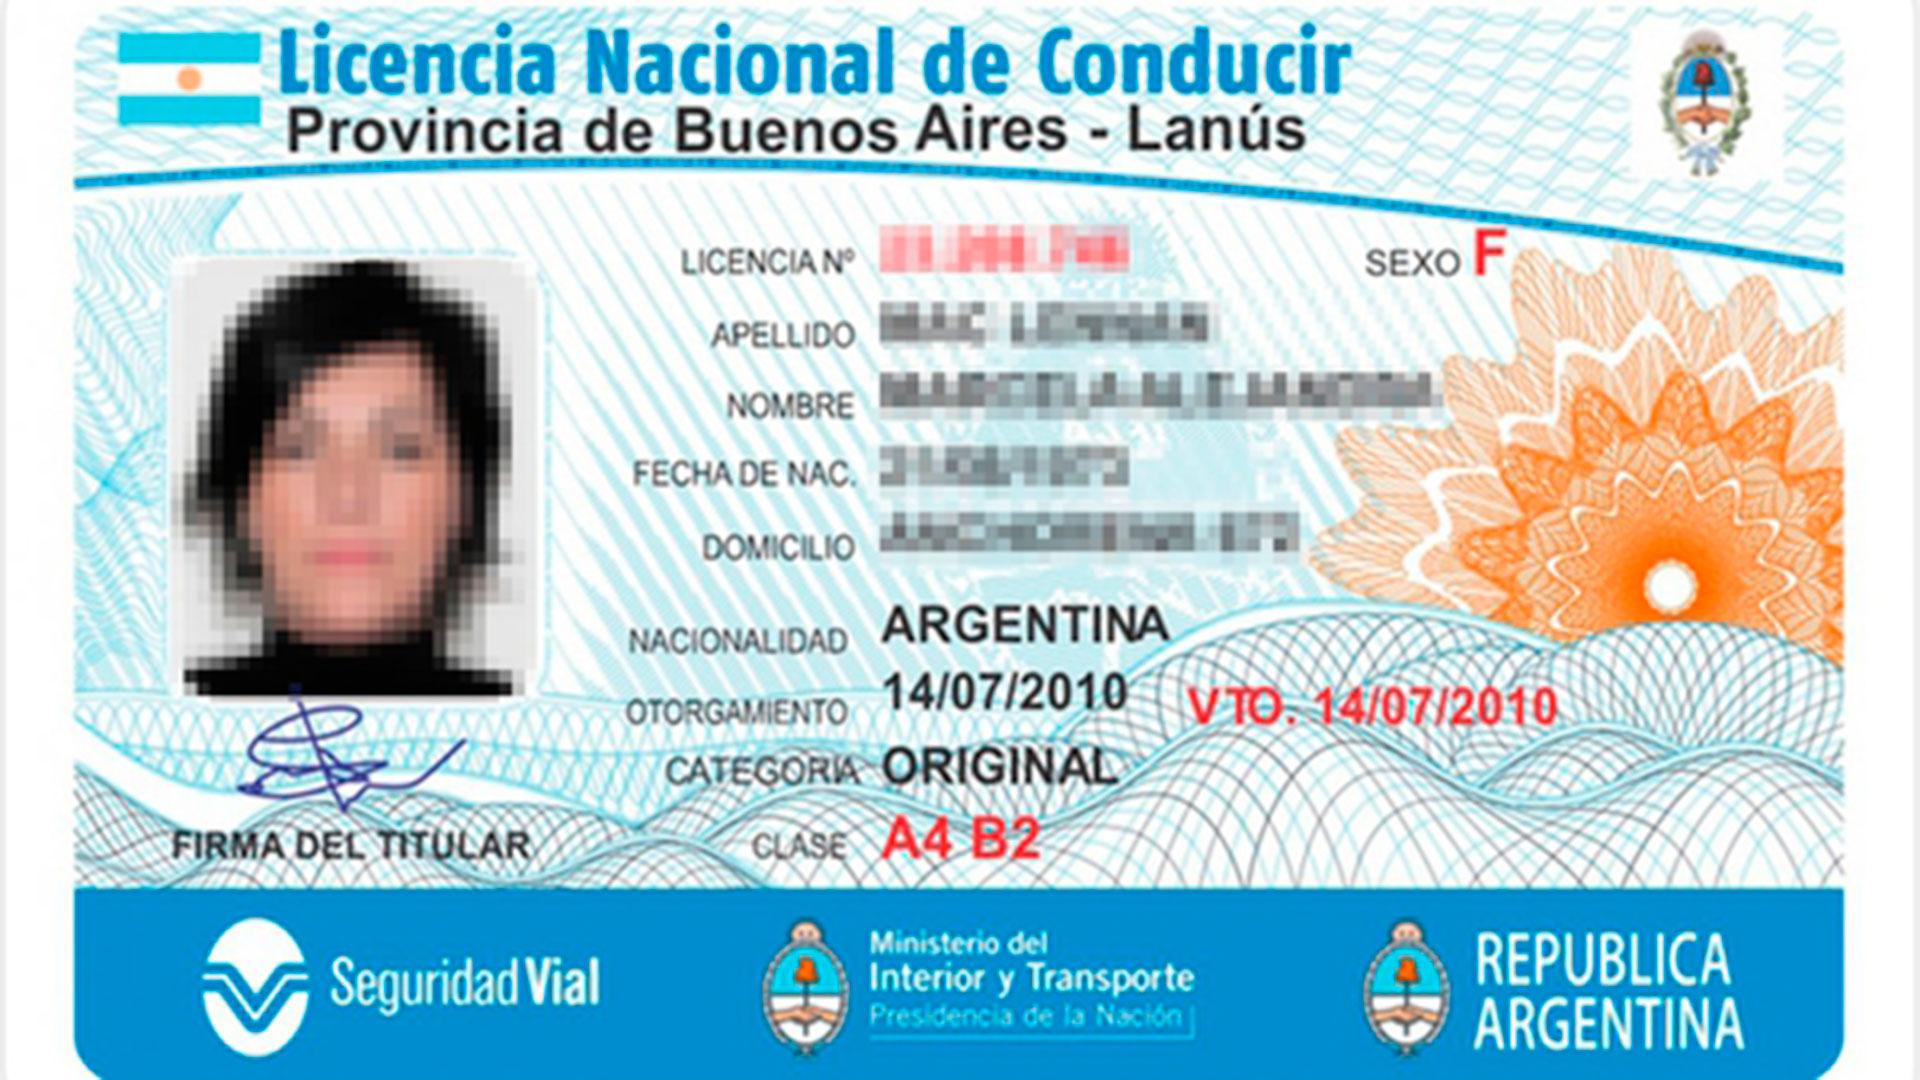 Nueva extensión de la Prórroga de los vencimientos de las Licencias Nacionales de Conducir